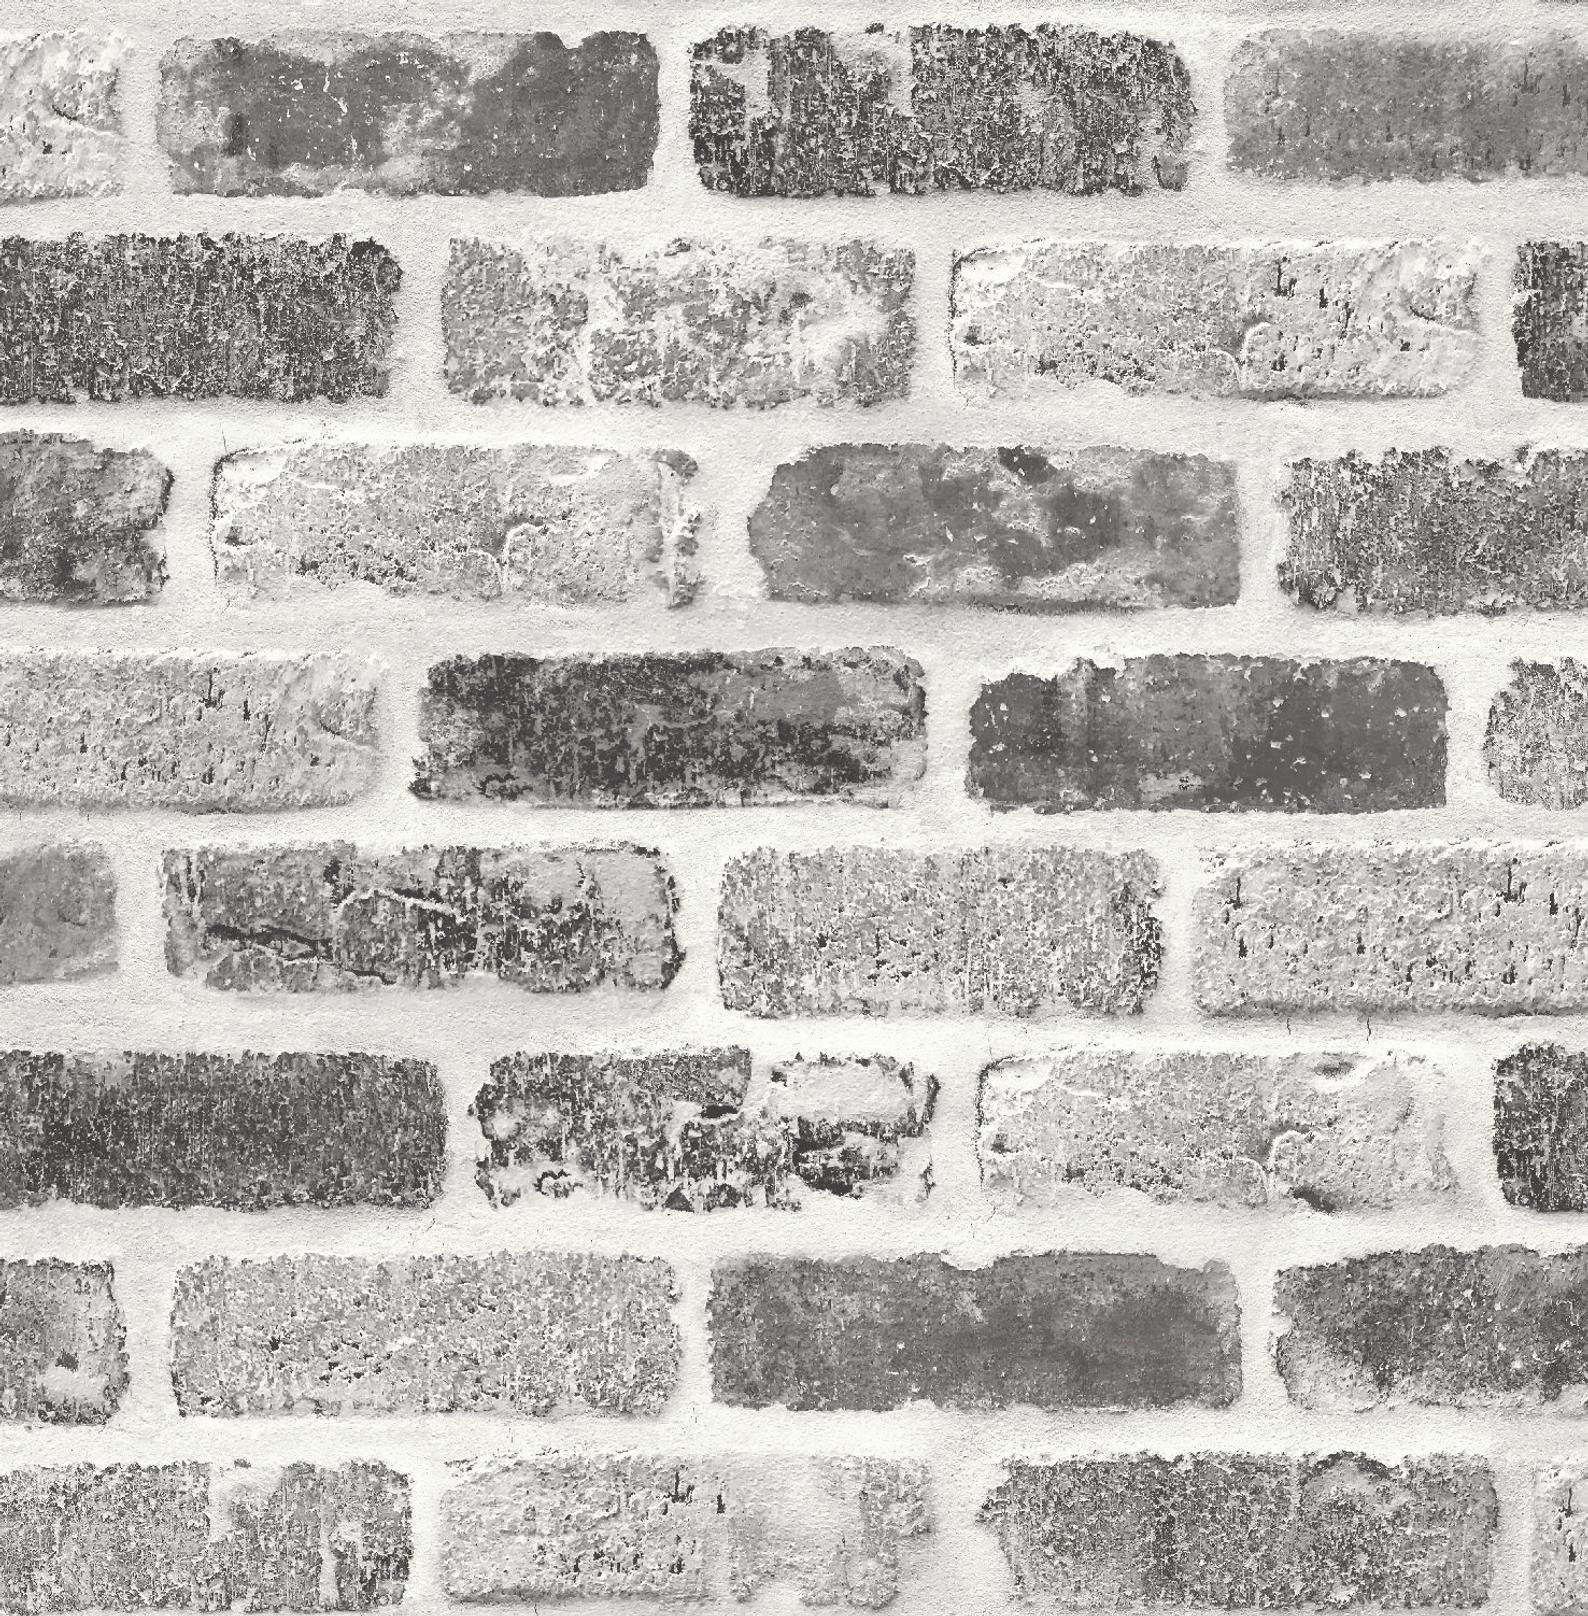 Self Adhesive Wallpaper Brick Wallpaper Peel And Stick Etsy In 2020 Brick Wallpaper Peel And Stick Brick Wallpaper Faux Brick